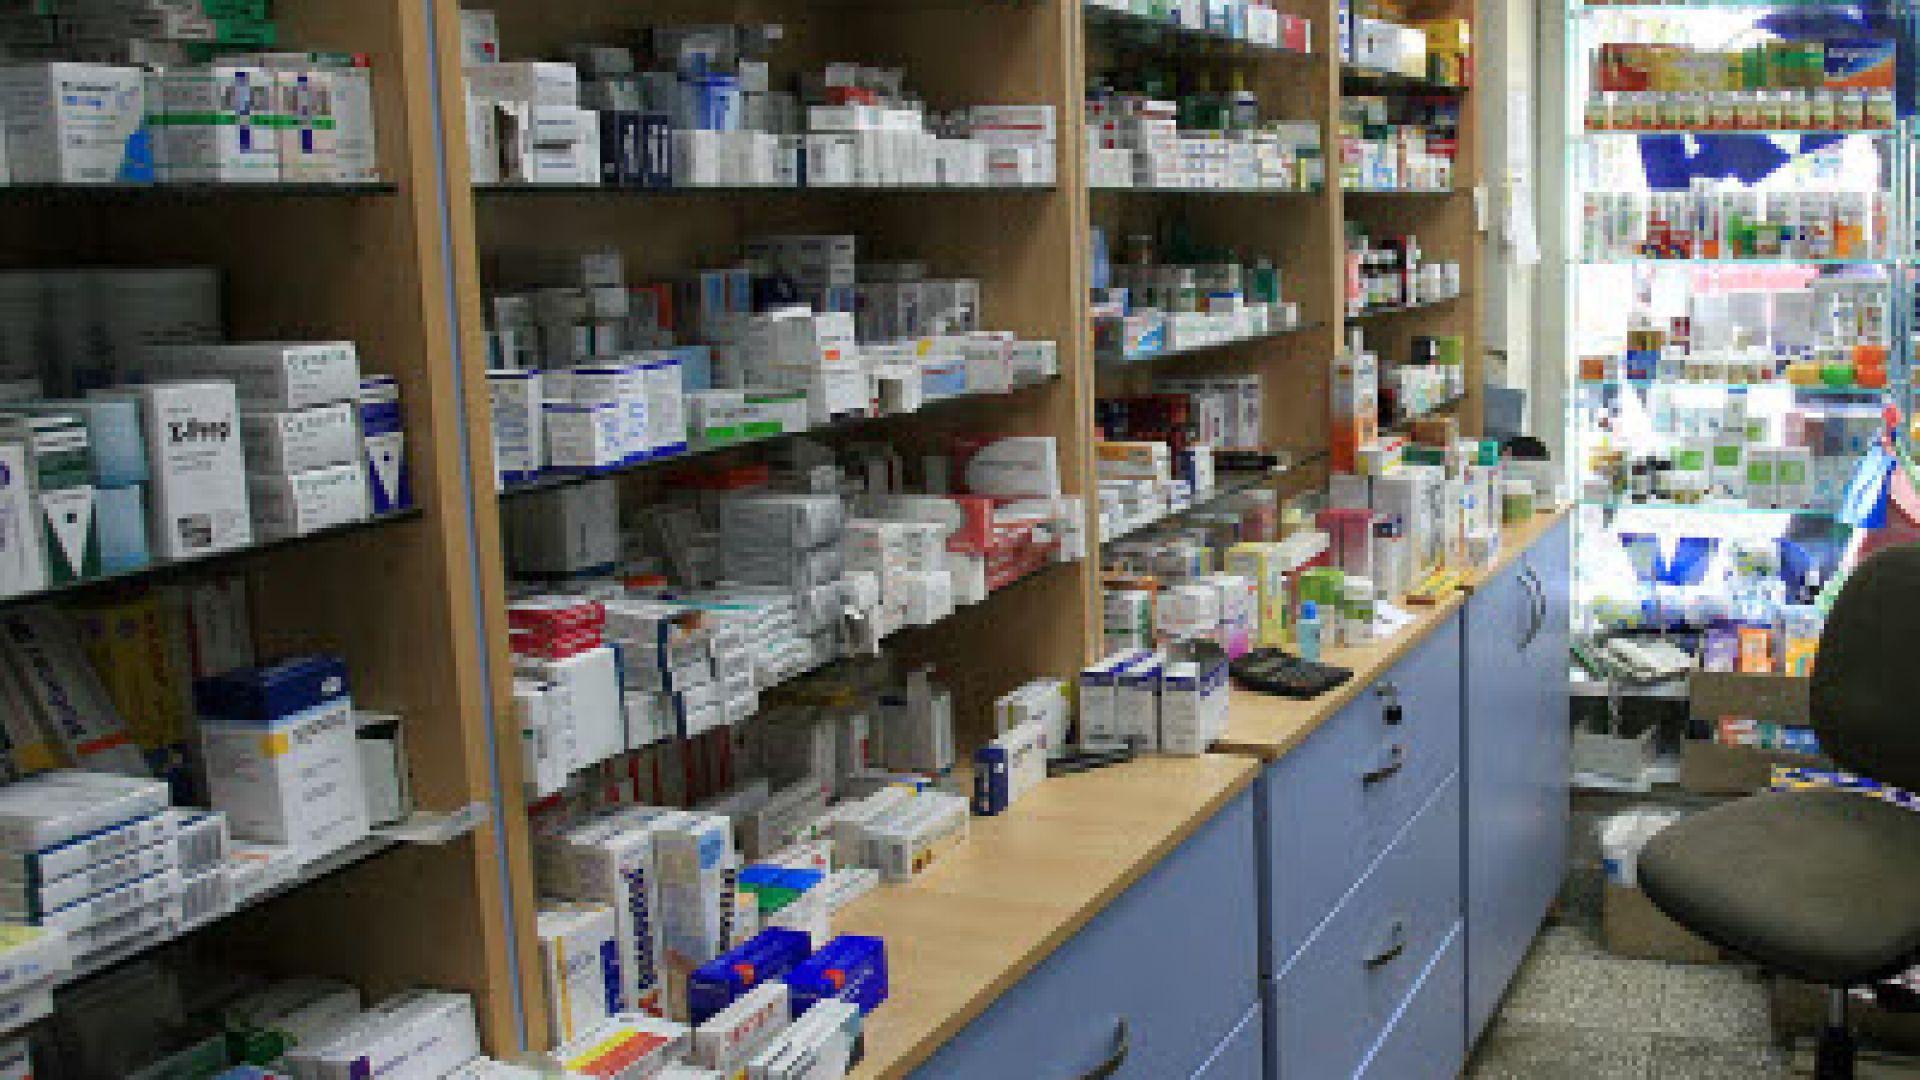 Откраднаха онколекарства за около 200 000 лв. от аптека